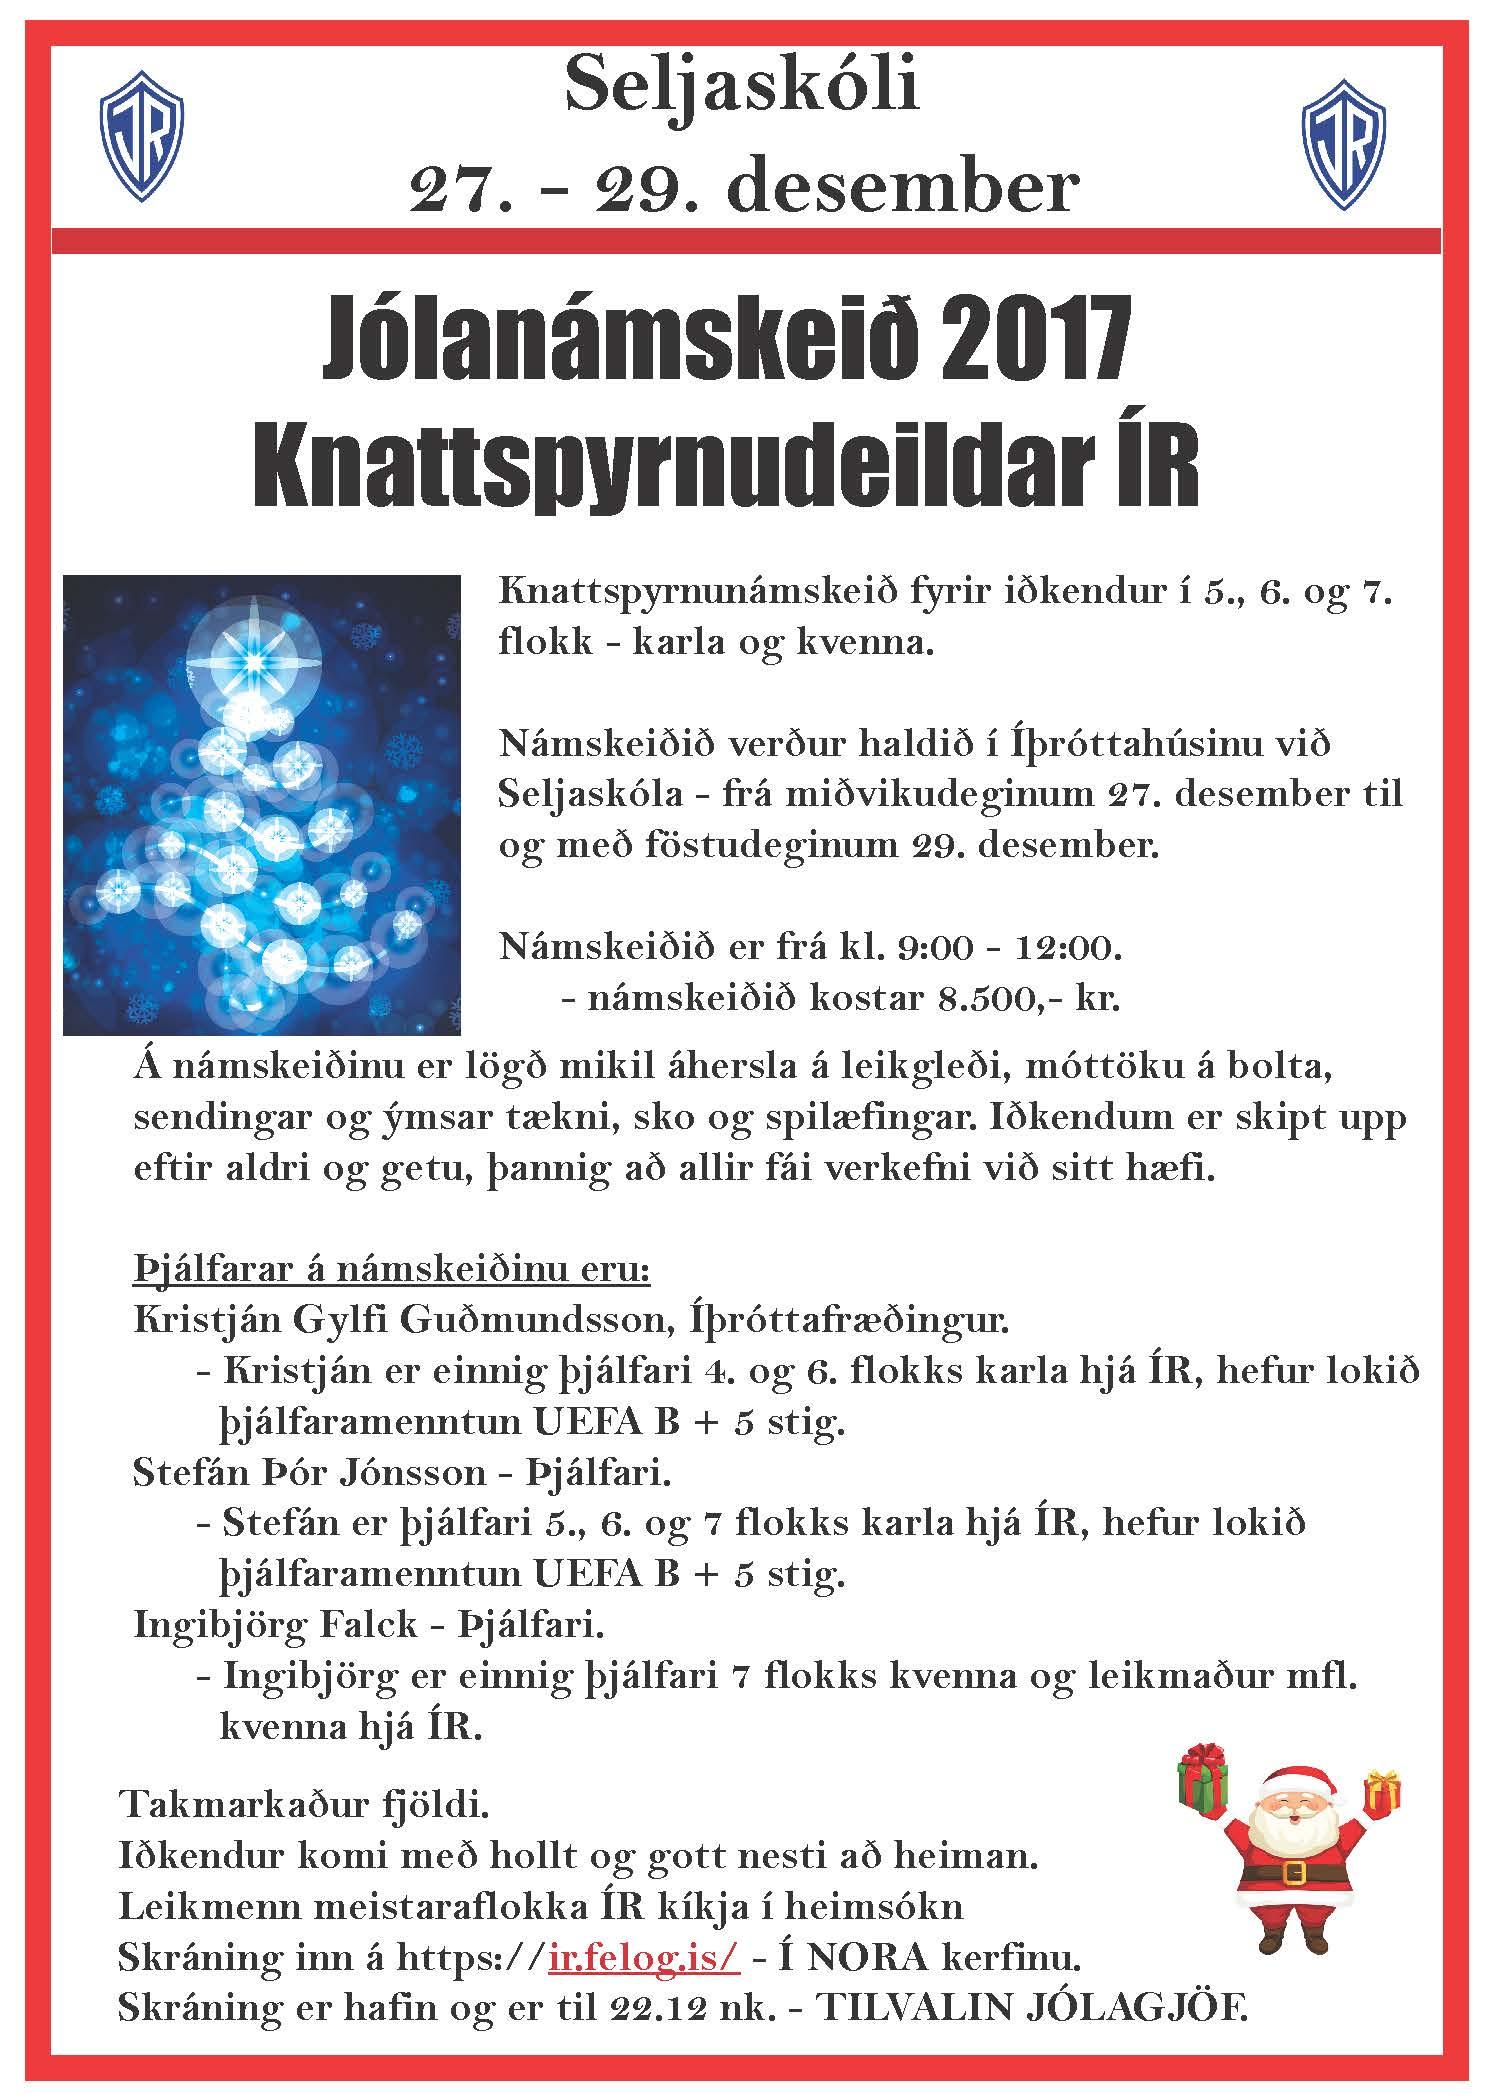 Jólanámskeið 2017 graphic